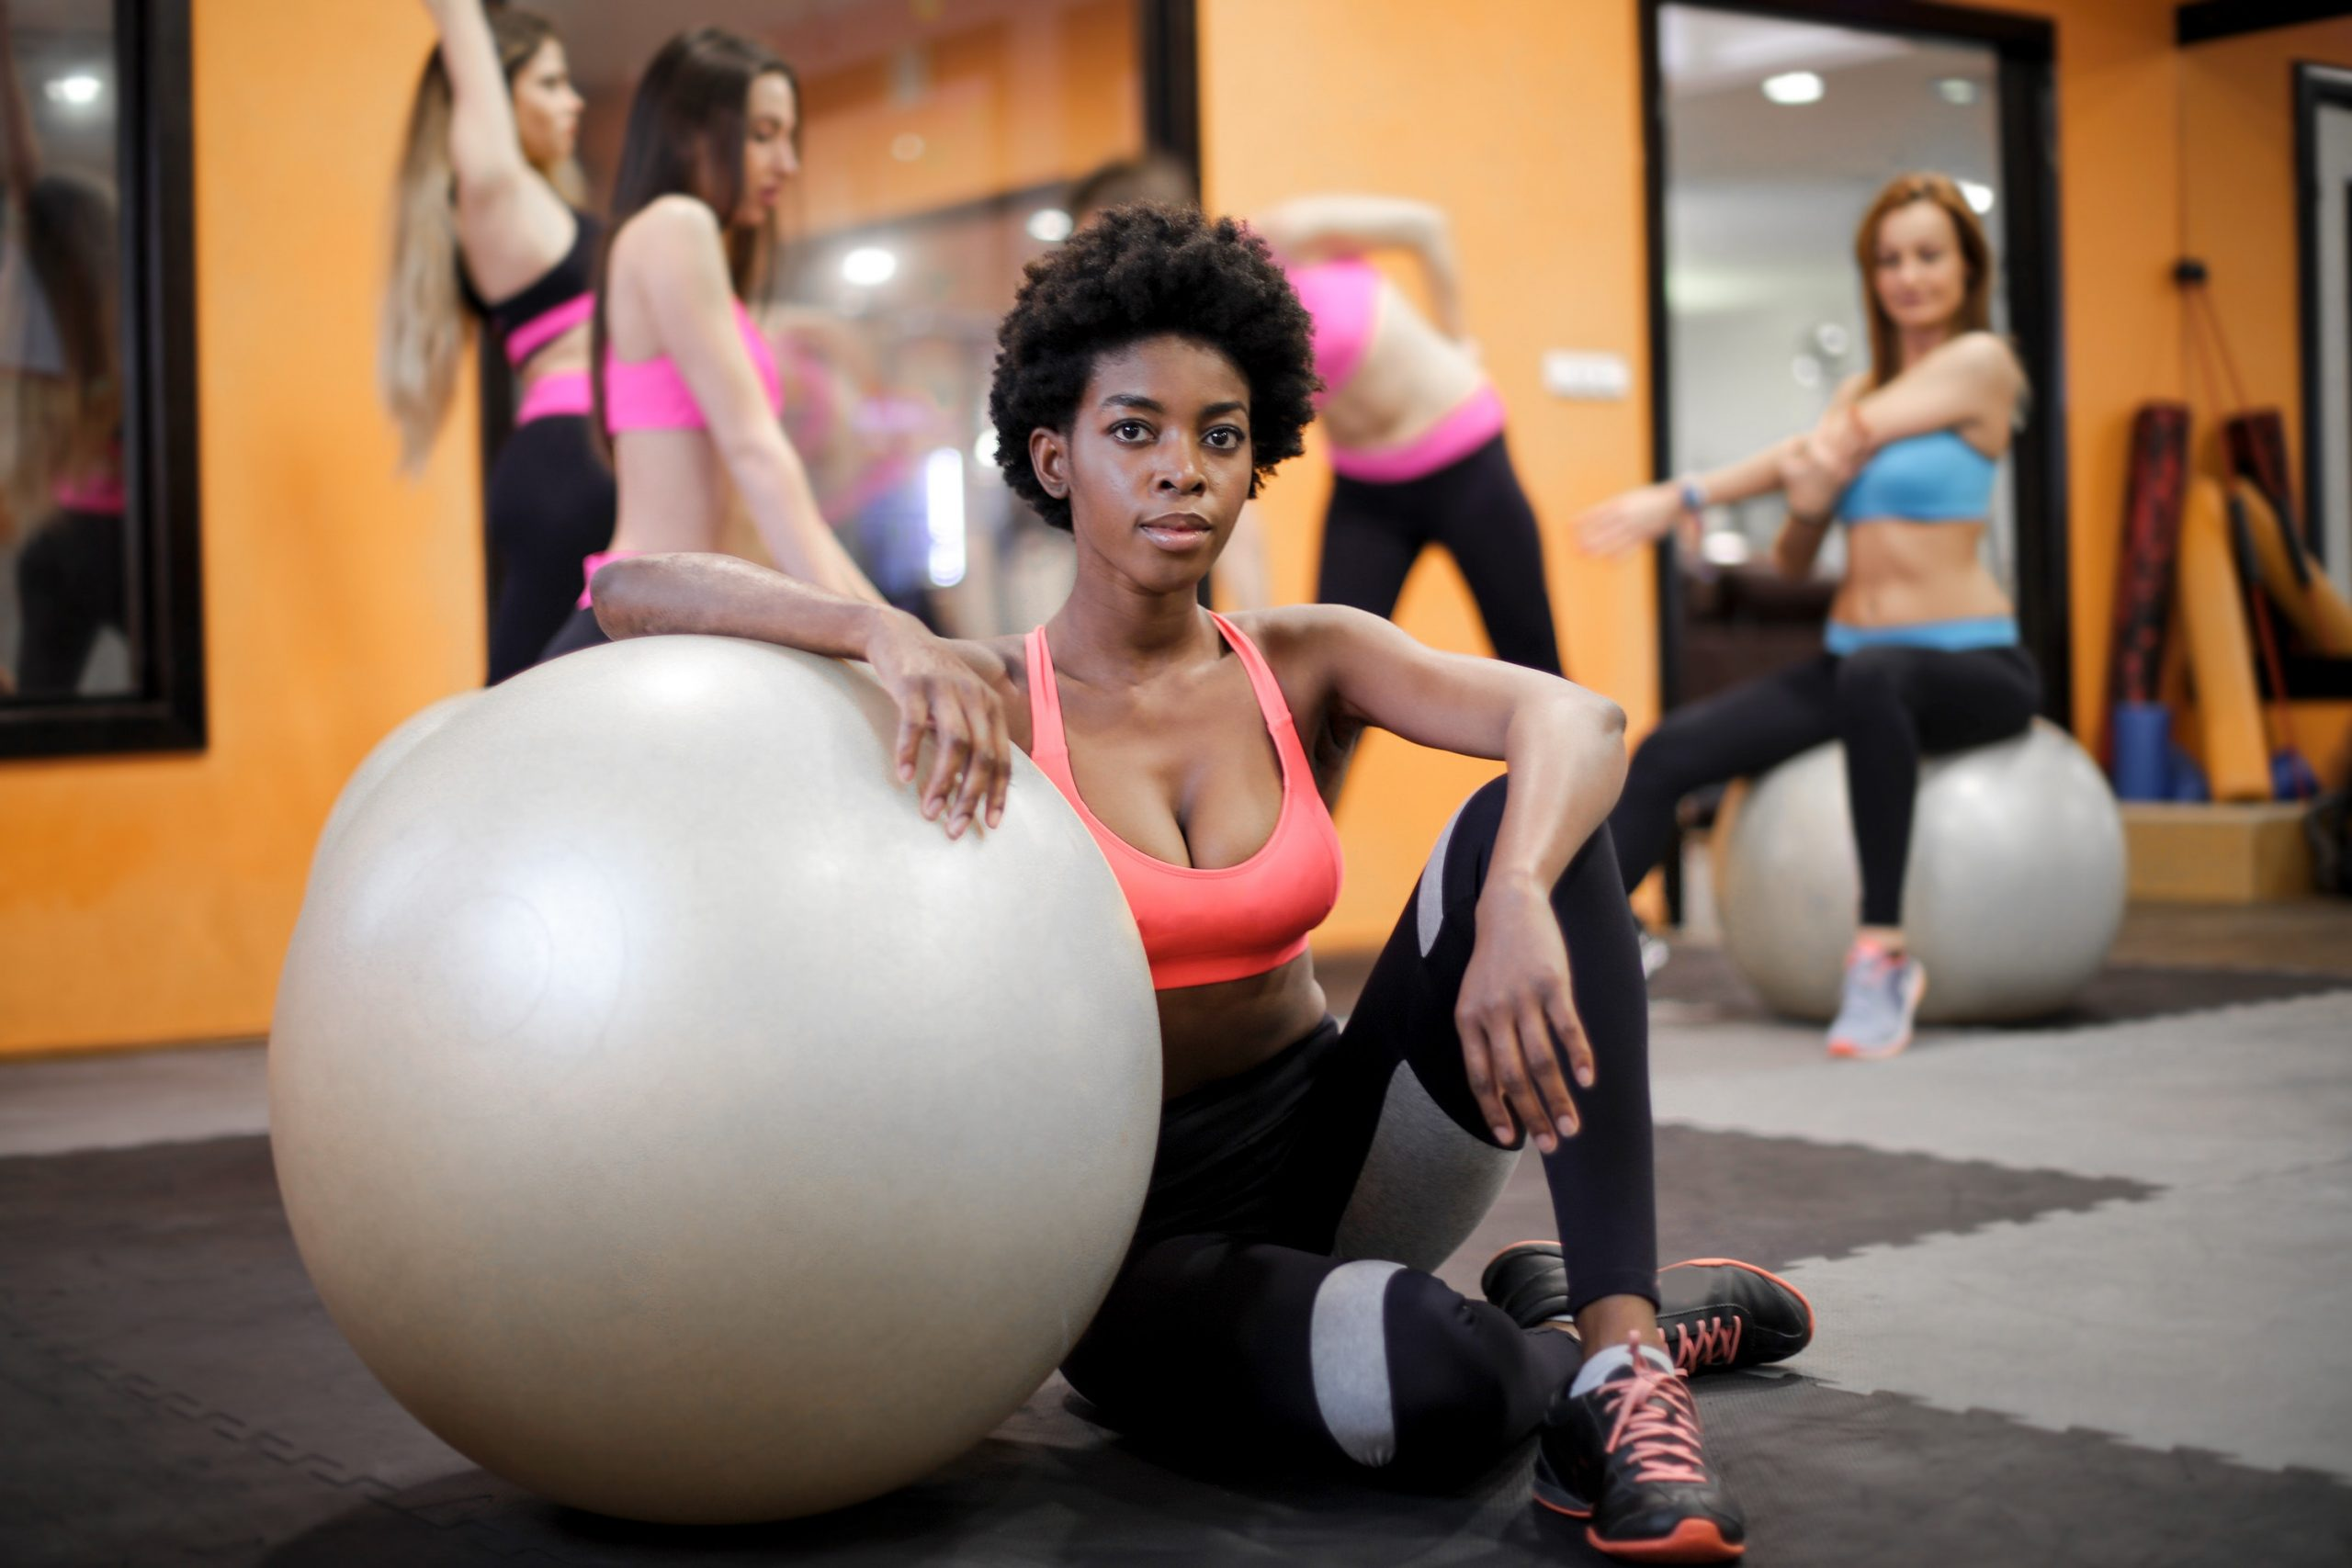 Imagem de uma mulher apoiada em uma bola de pilates.